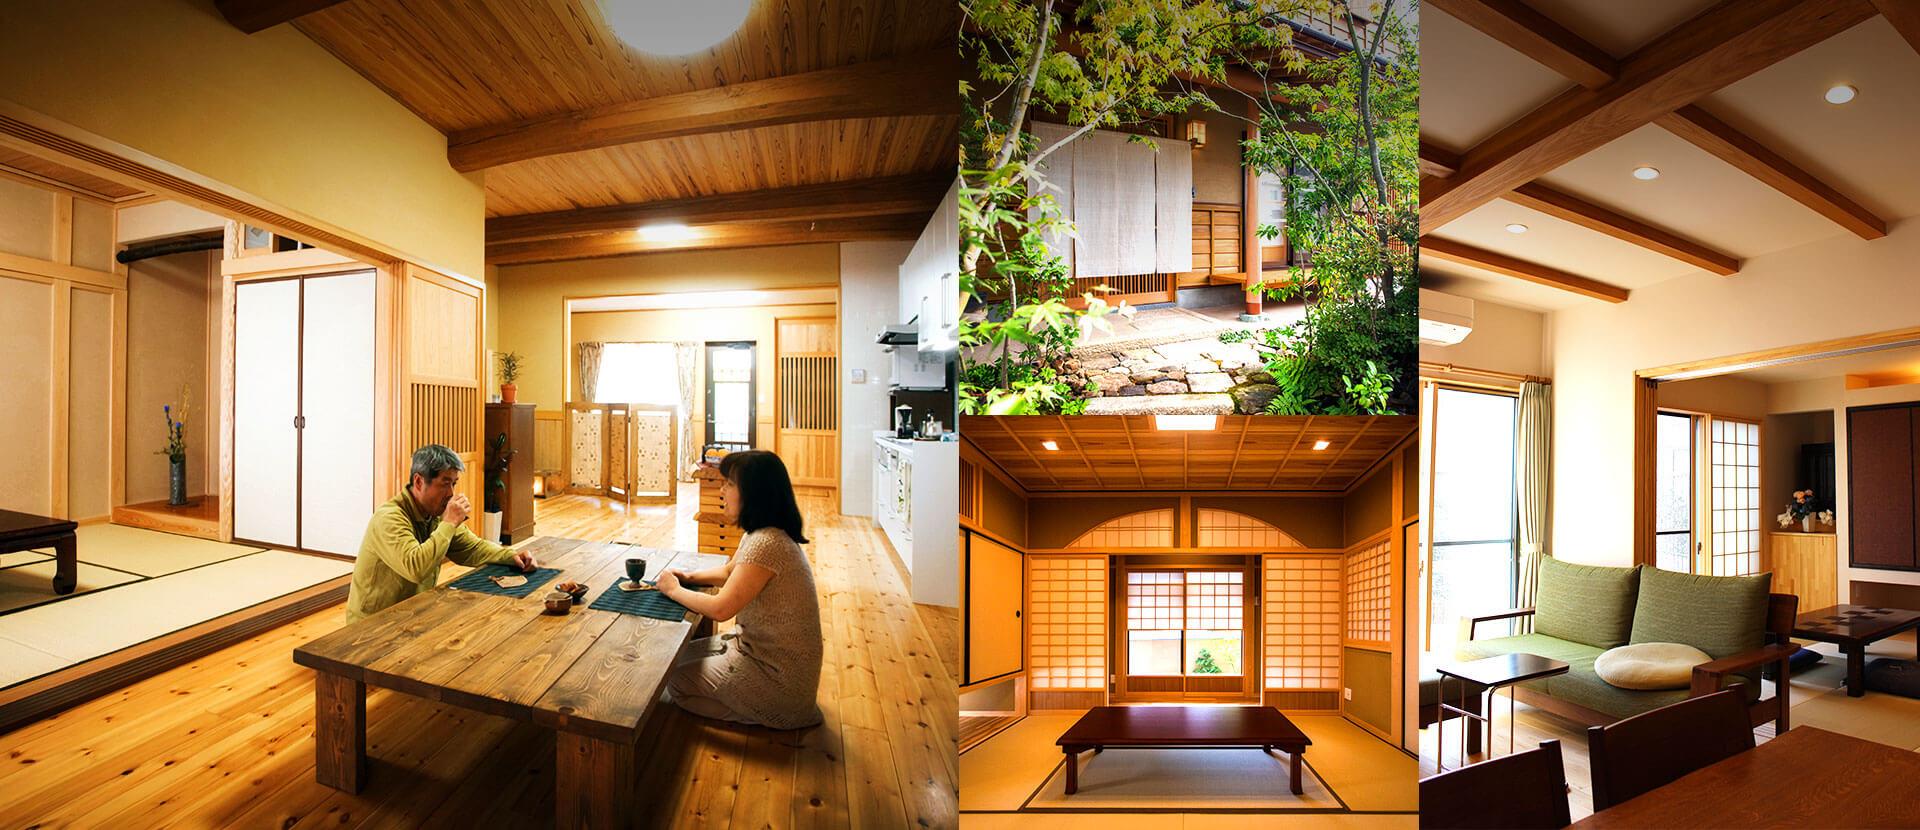 松山市|リフォーム|有限会社池田建築ホーム